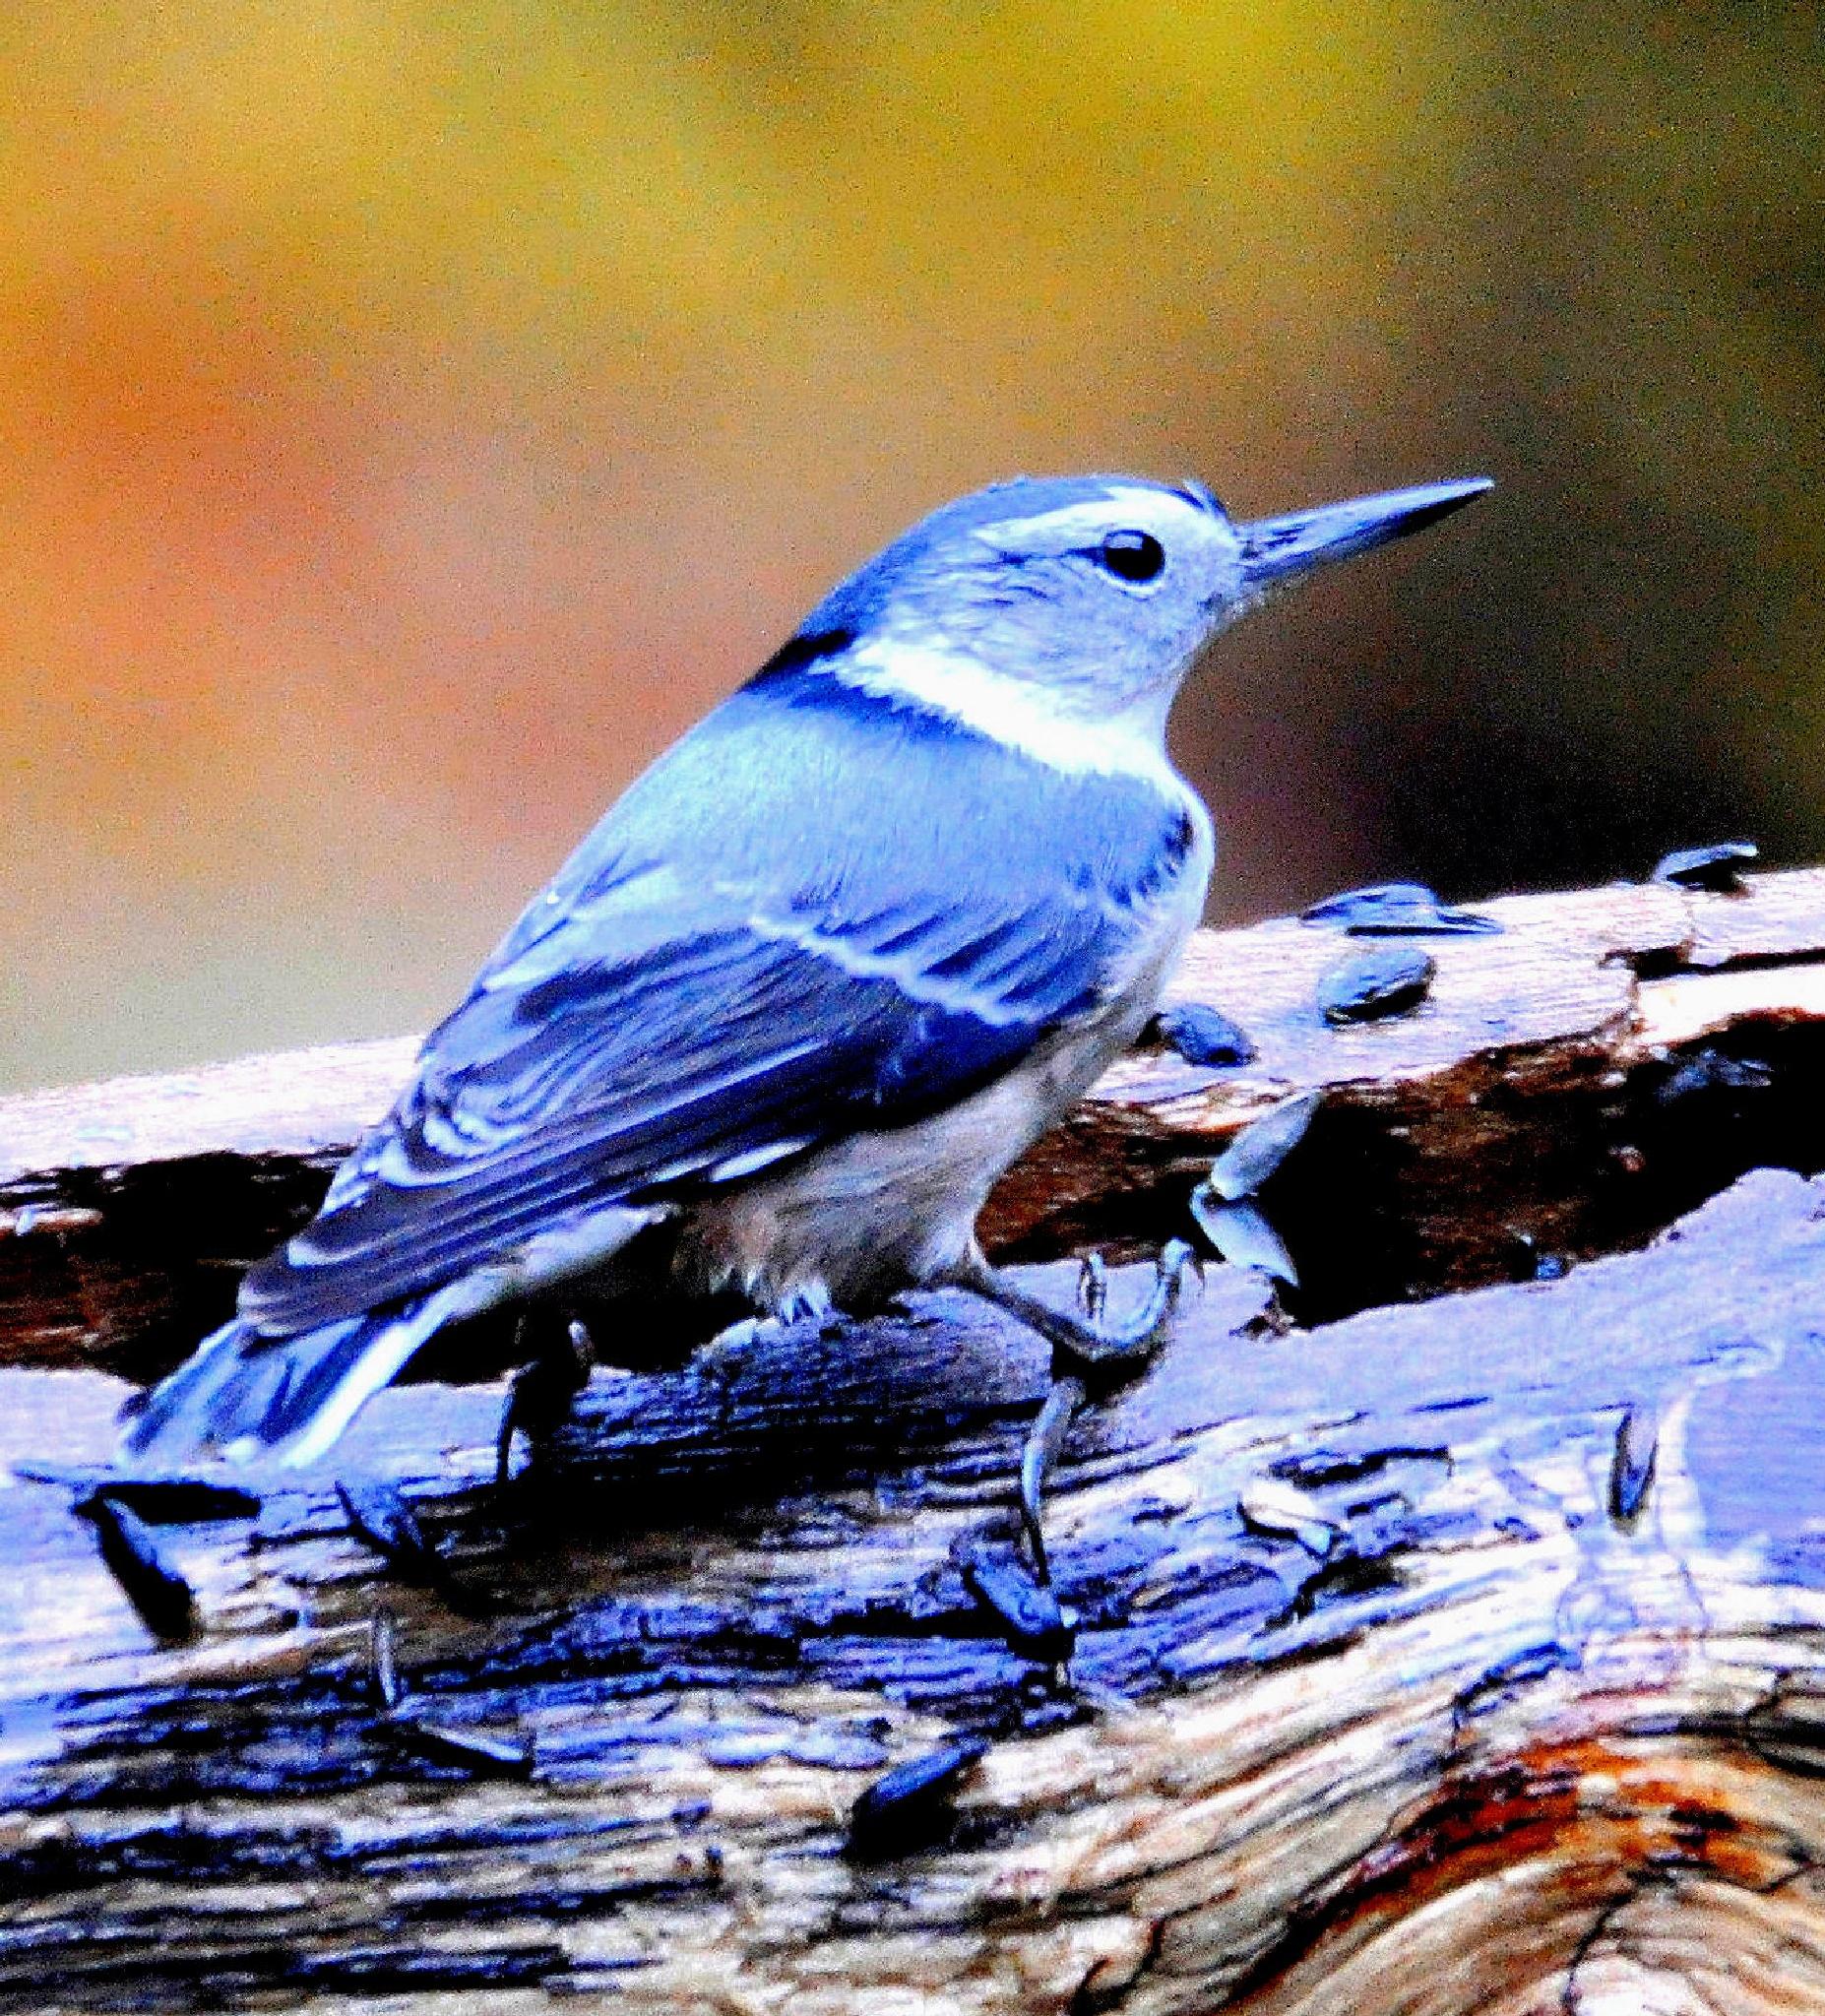 Nutty Bird by Joeski